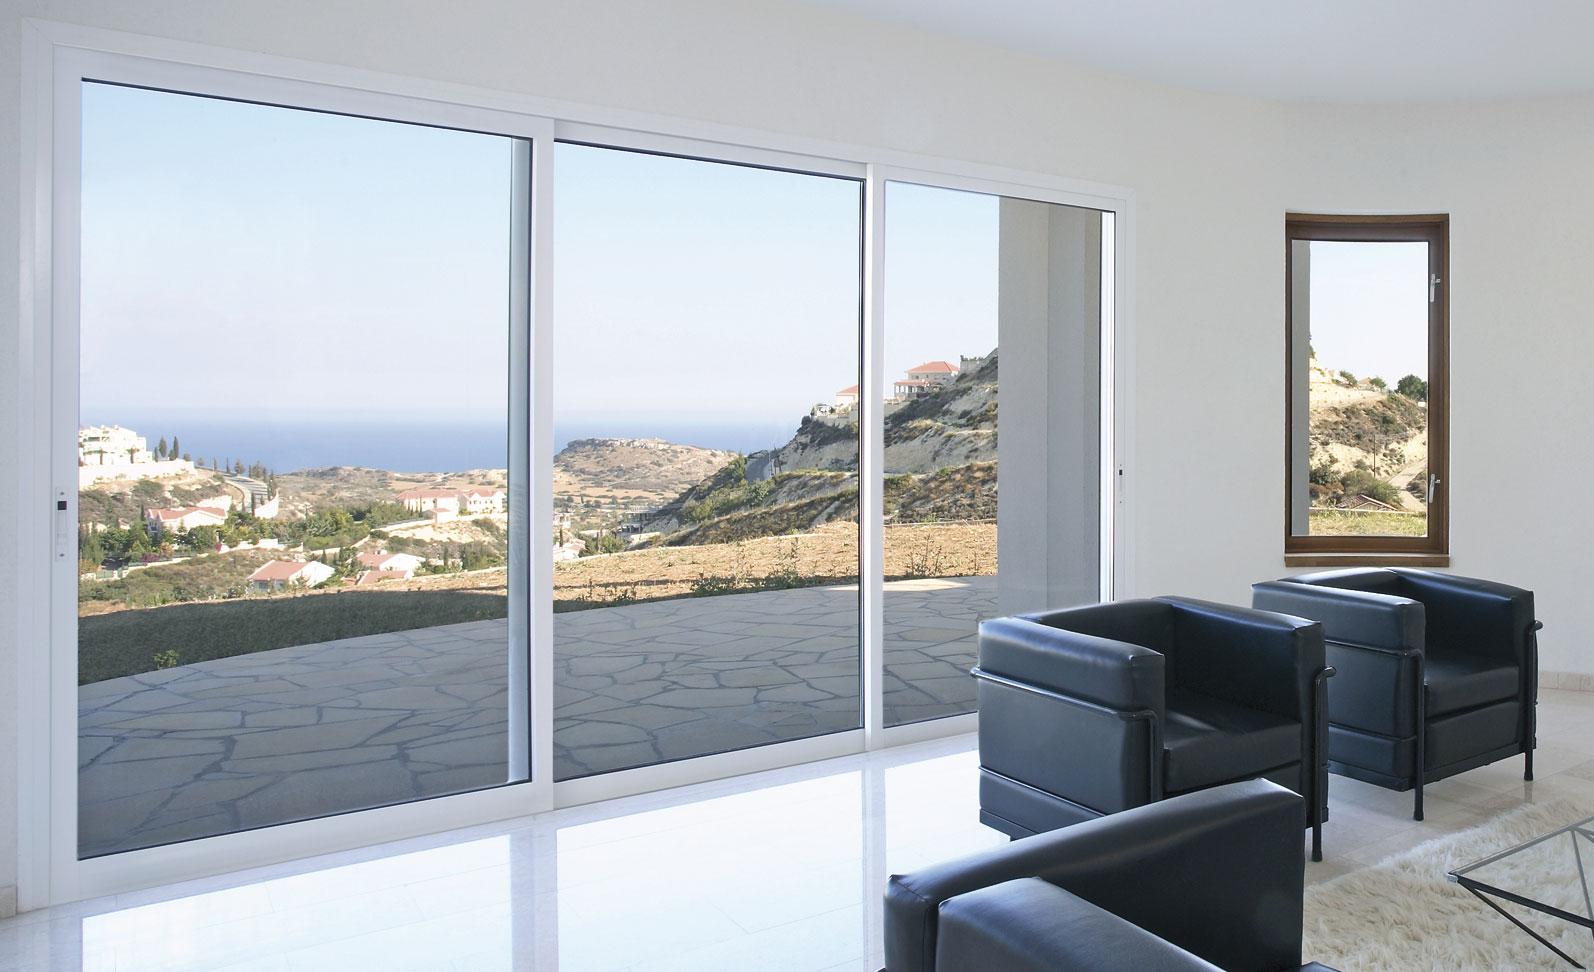 Ventanas de pvc madrid cerramientos ventanas de pvc madrid for Ventanas de aluminio doble vidrio argentina